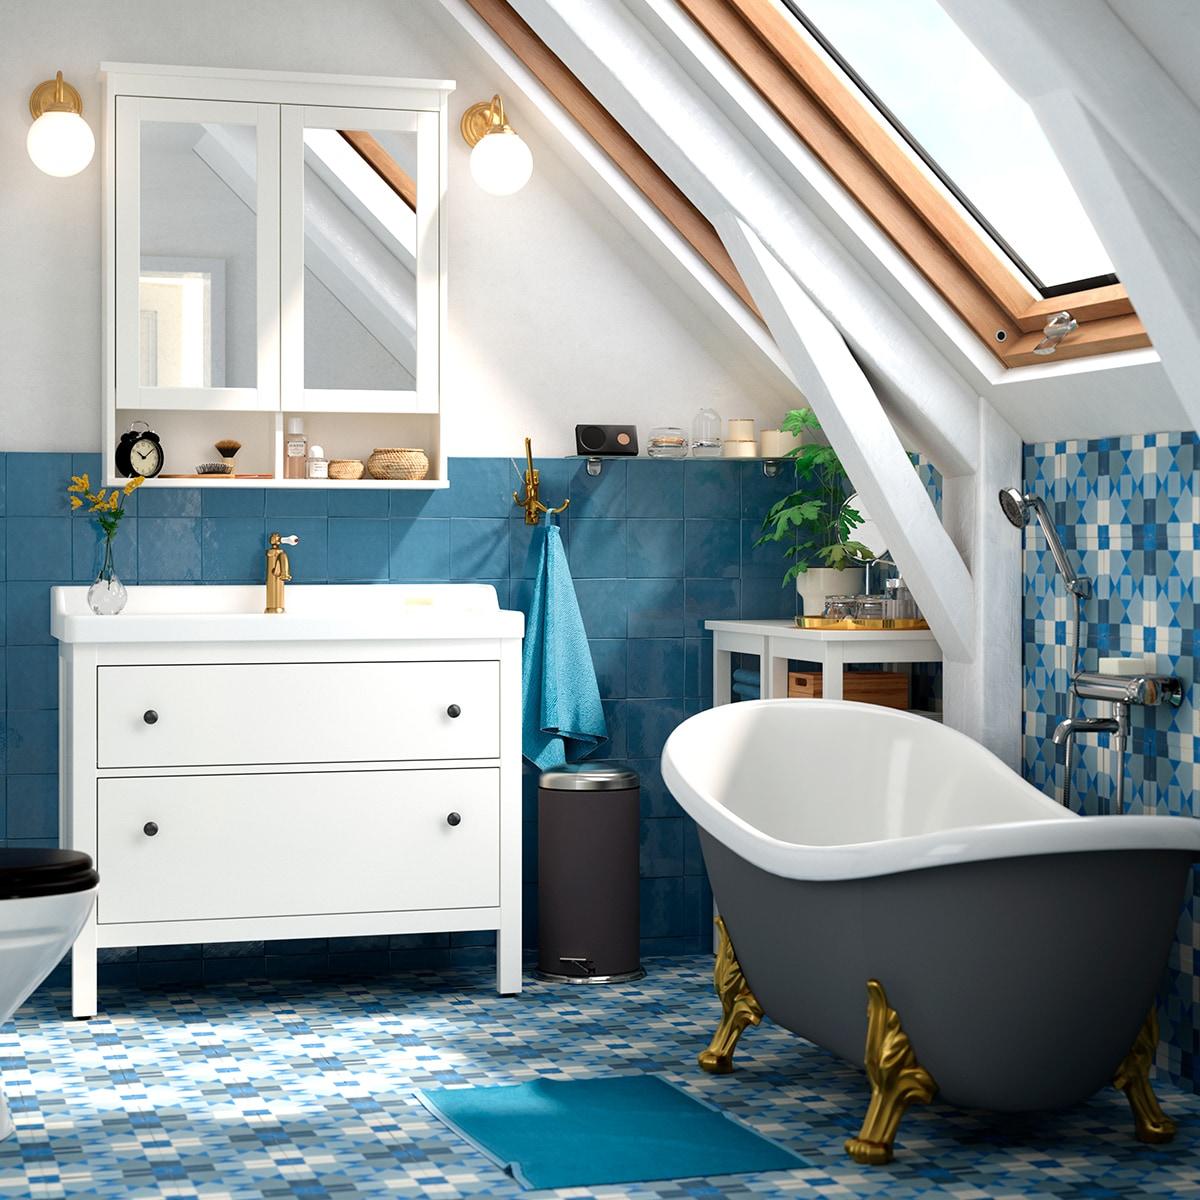 Einrichtungsideen & Inspirationen für dein Badezimmer - IKEA Schweiz